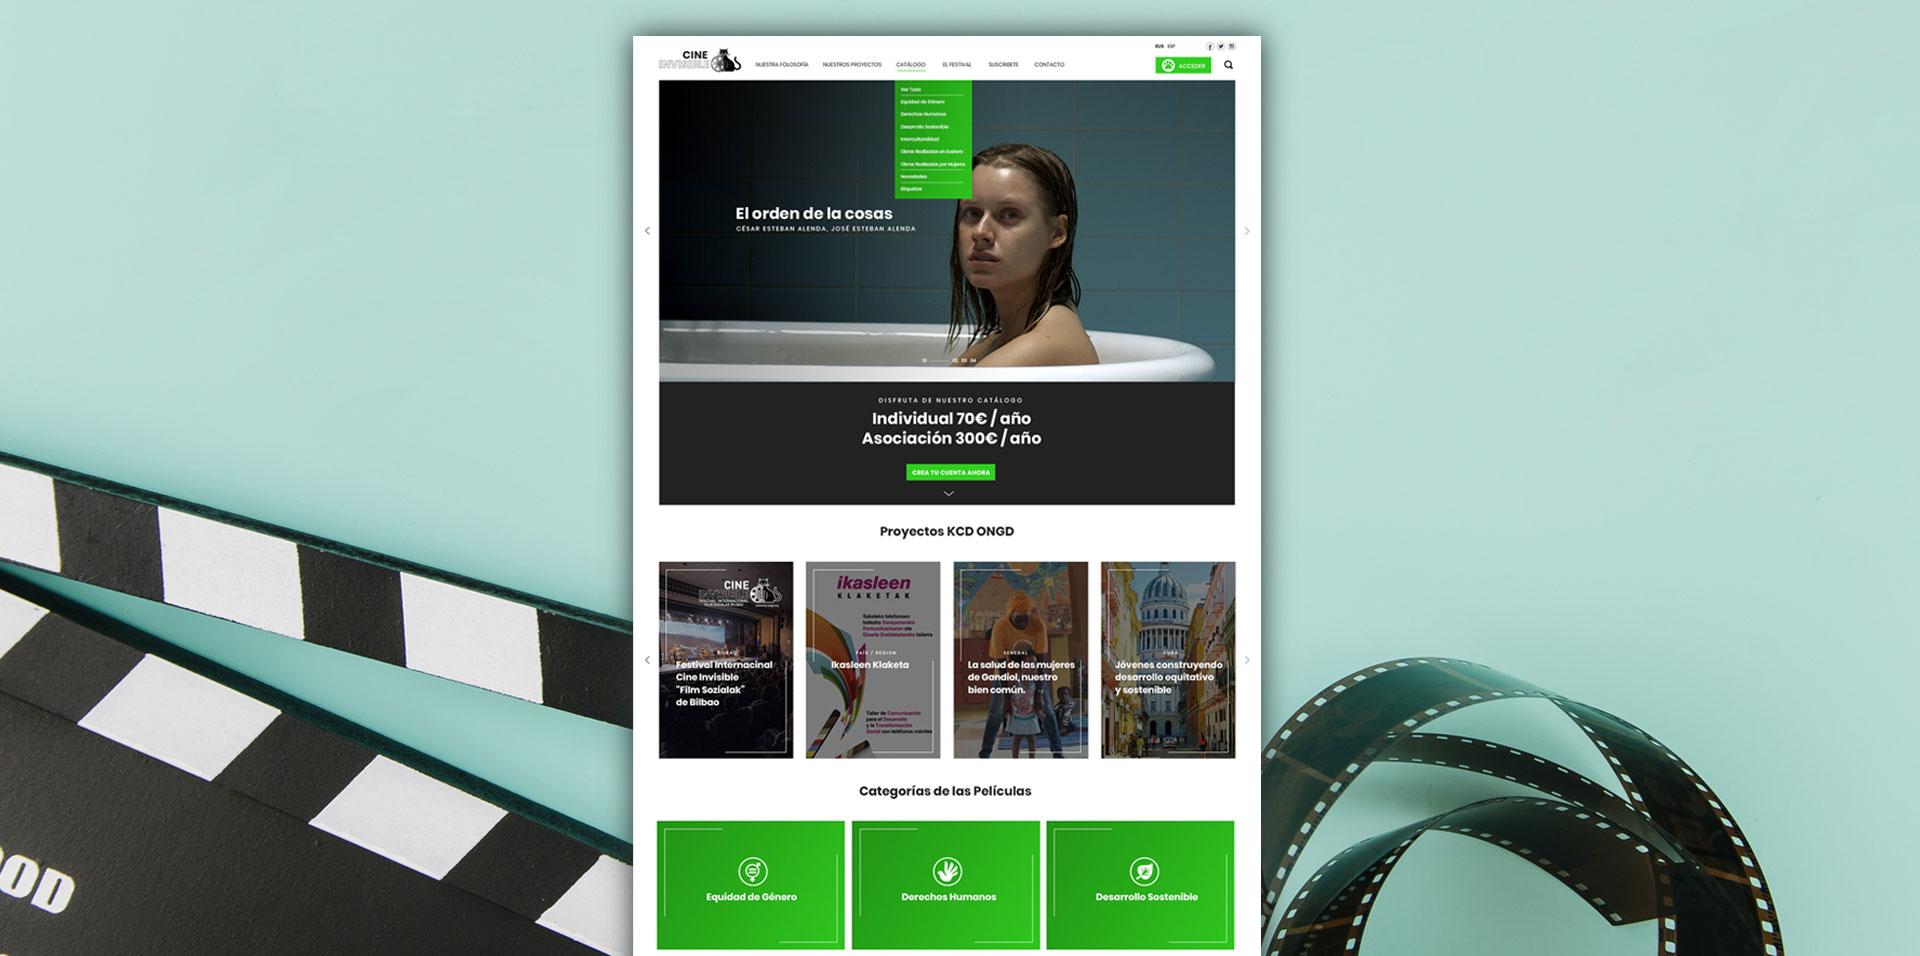 Diseño UX Plataforma Cine Invisible